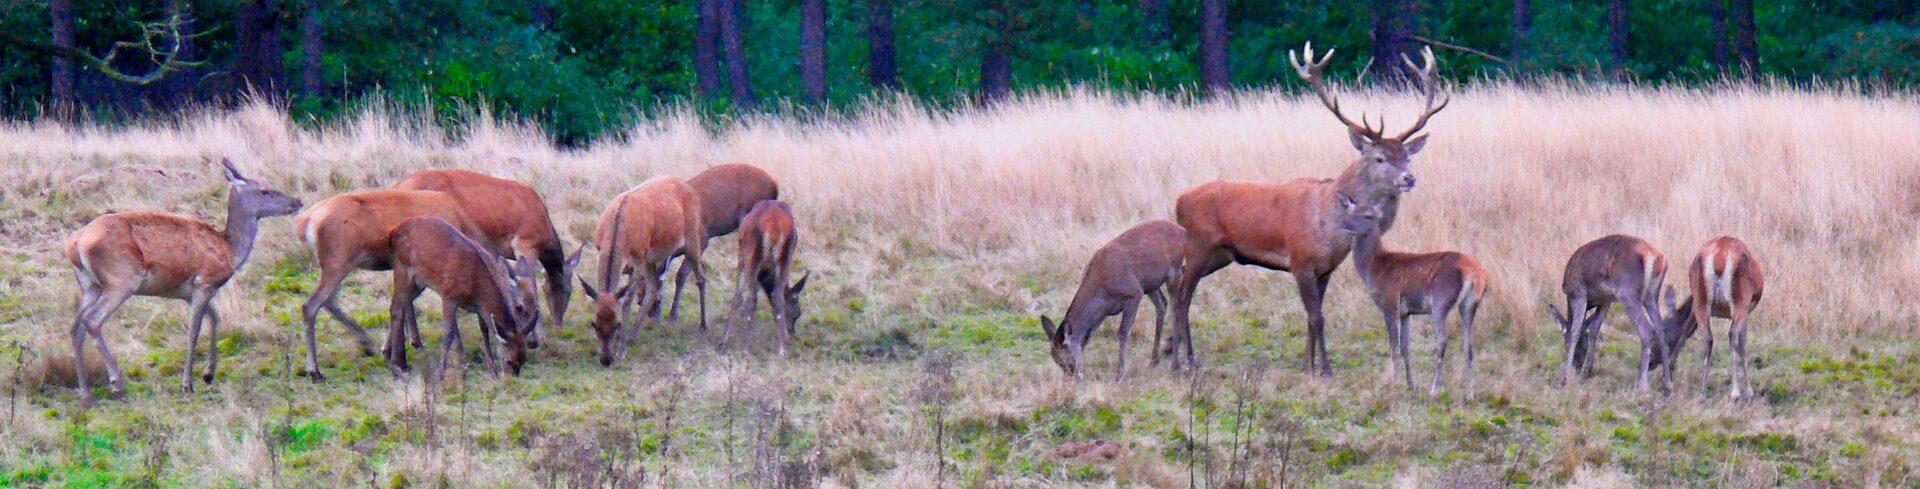 Wandelen in Apeldoorn • wandelen in een natuur-rijke omgeving